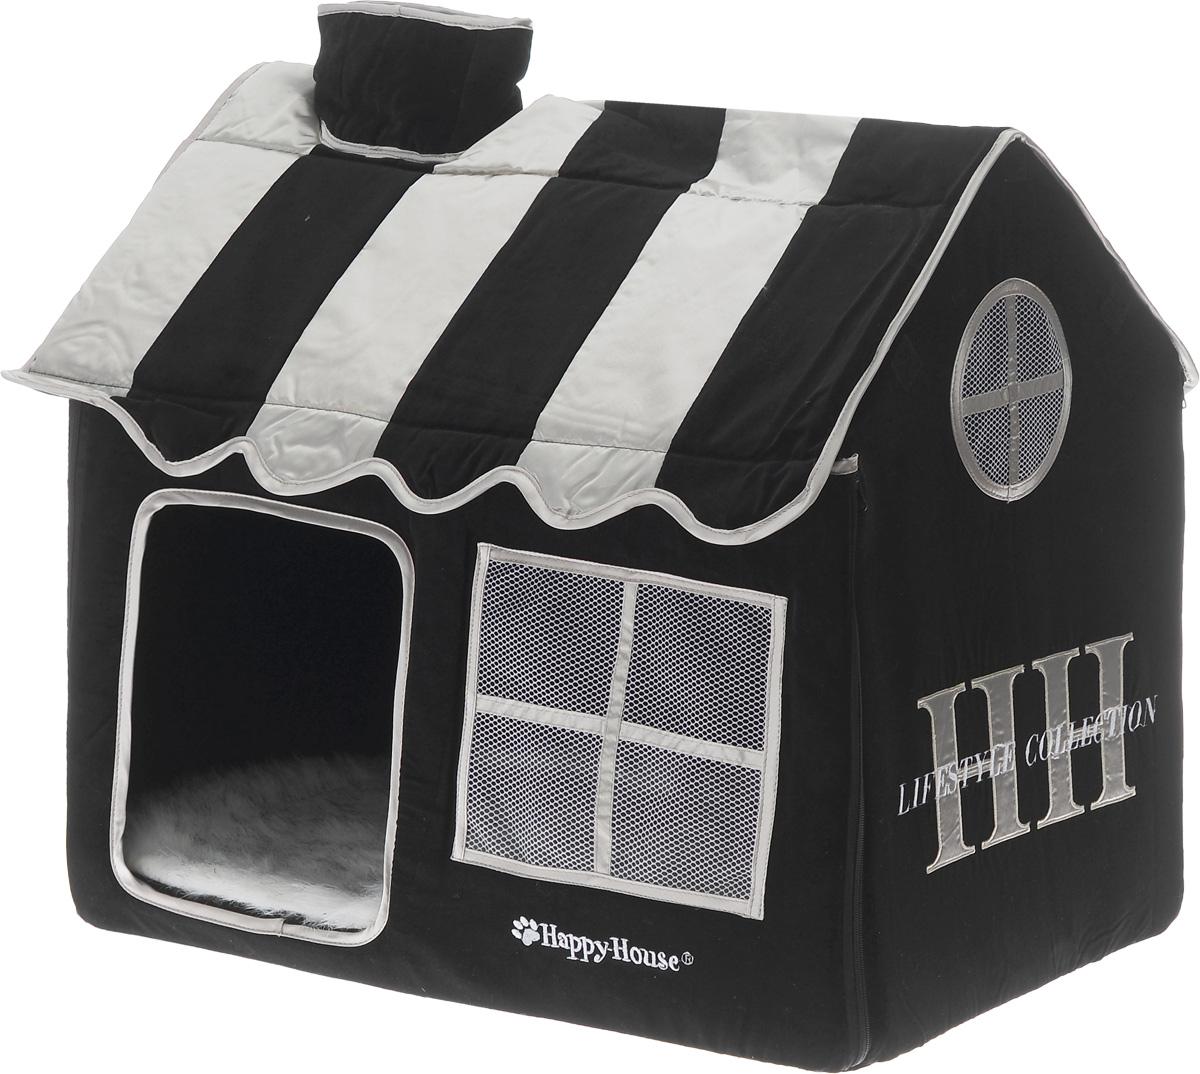 Домик для кошек Happy House Cat Lifestyle, цвет: черный, белый, 62 х 42 х 59 см8480-3Домик Happy House Cat Lifestyle непременно станет любимым местом отдыха вашего домашнего любимца. Изделие выполнено из картона и обтянуто бархатной тканью с атласными вставками. Внутри имеется мягкая съемная подстилка из искусственного меха. Крыша домика крепится при помощи липучек и полностью снимается, а каркас соединяется застежкой-молнией. В таком домике вашему питомцу будет мягко и тепло. Он подарит ему ощущение уюта и уединенности, а также возможность спрятаться. Очень удобен для транспортировки и легко складывается.